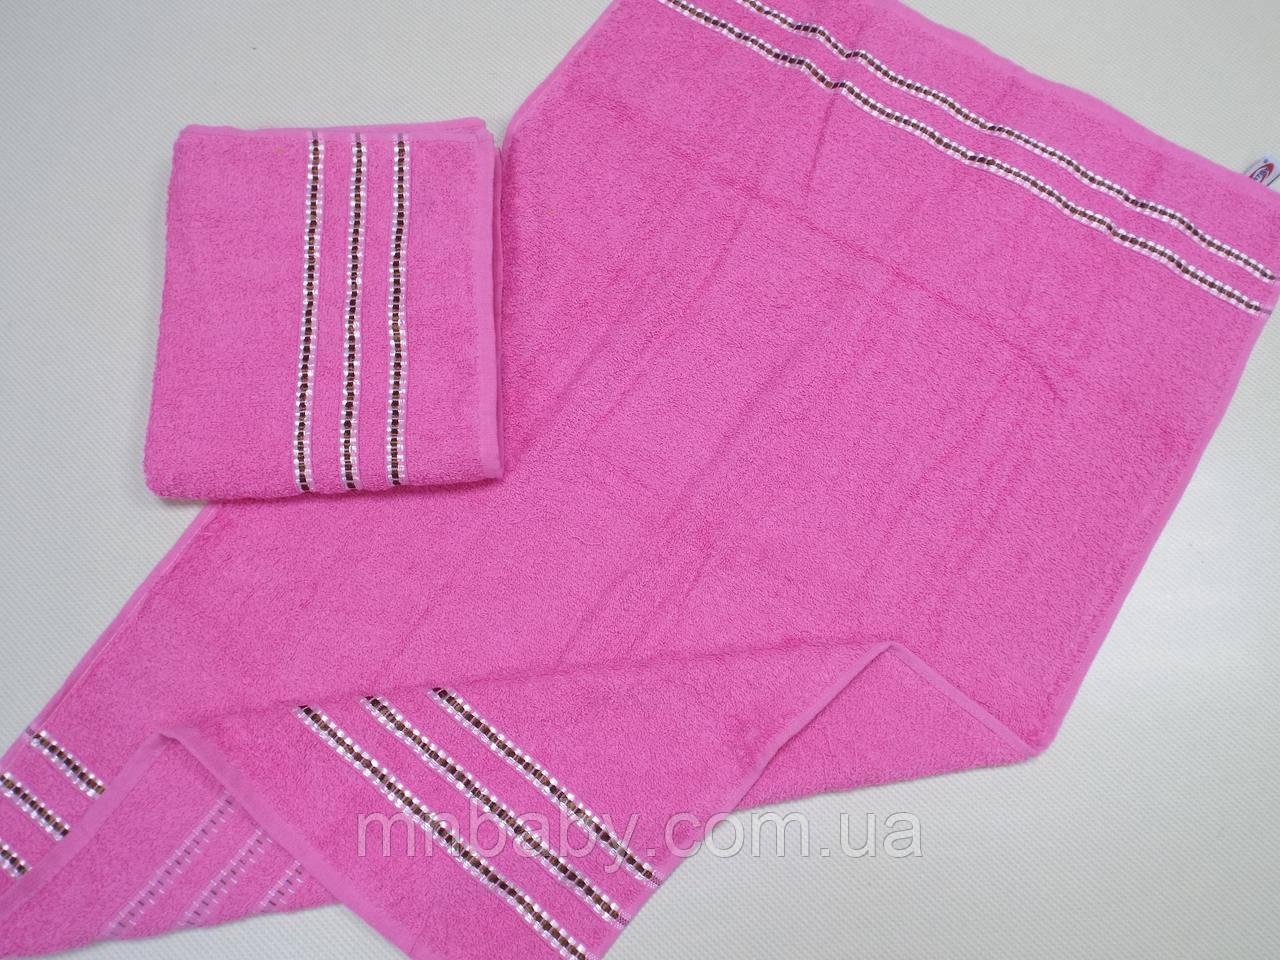 Полотенце махровое Эрмет 50*90 см розовое